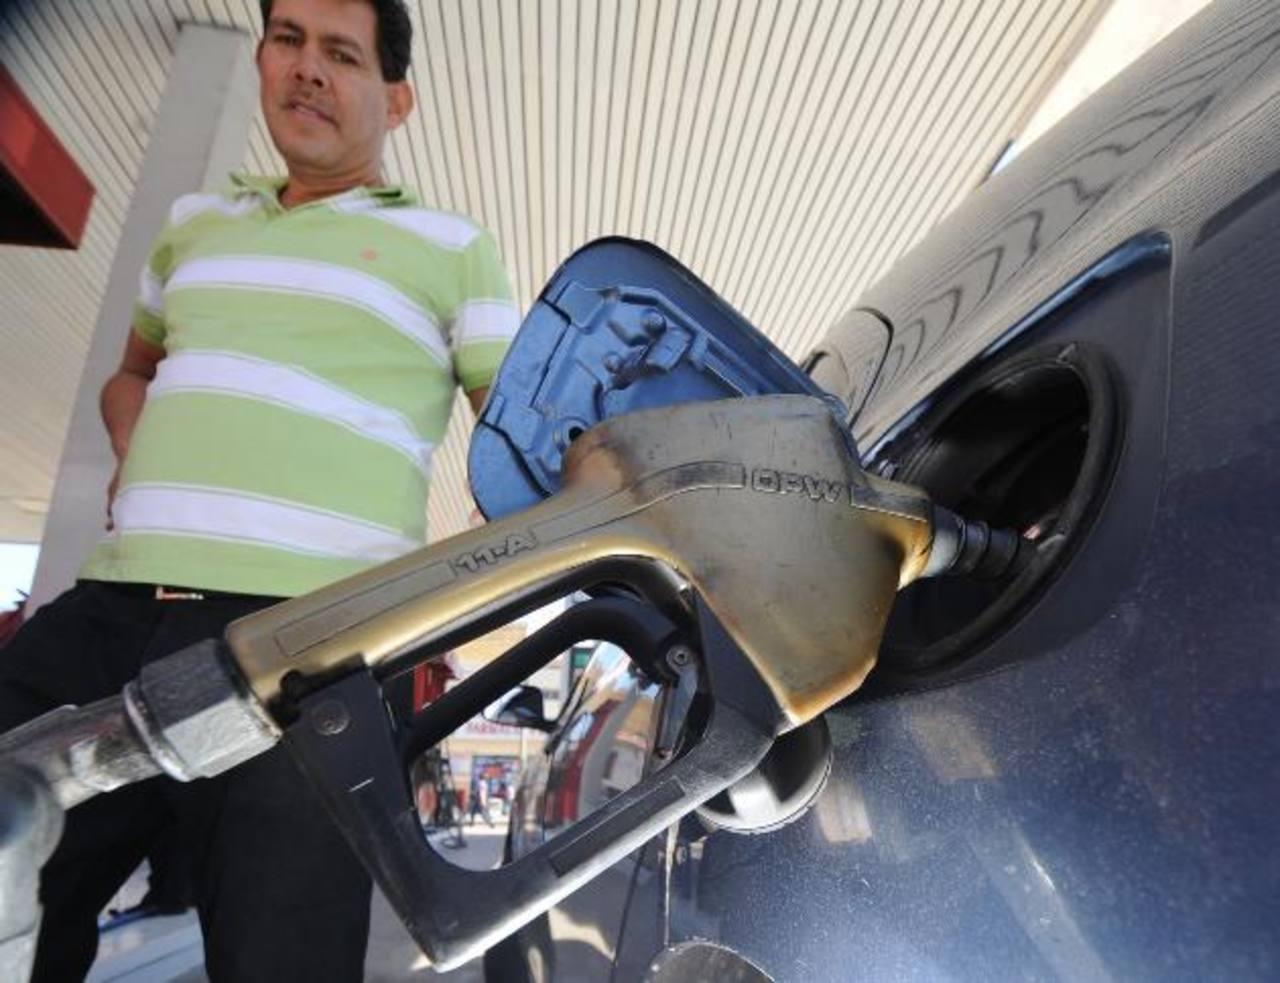 Los precios de las gasolinas bajarán significativamente por galón, pero el diésel subirá hasta $0.03. foto edh/archivo